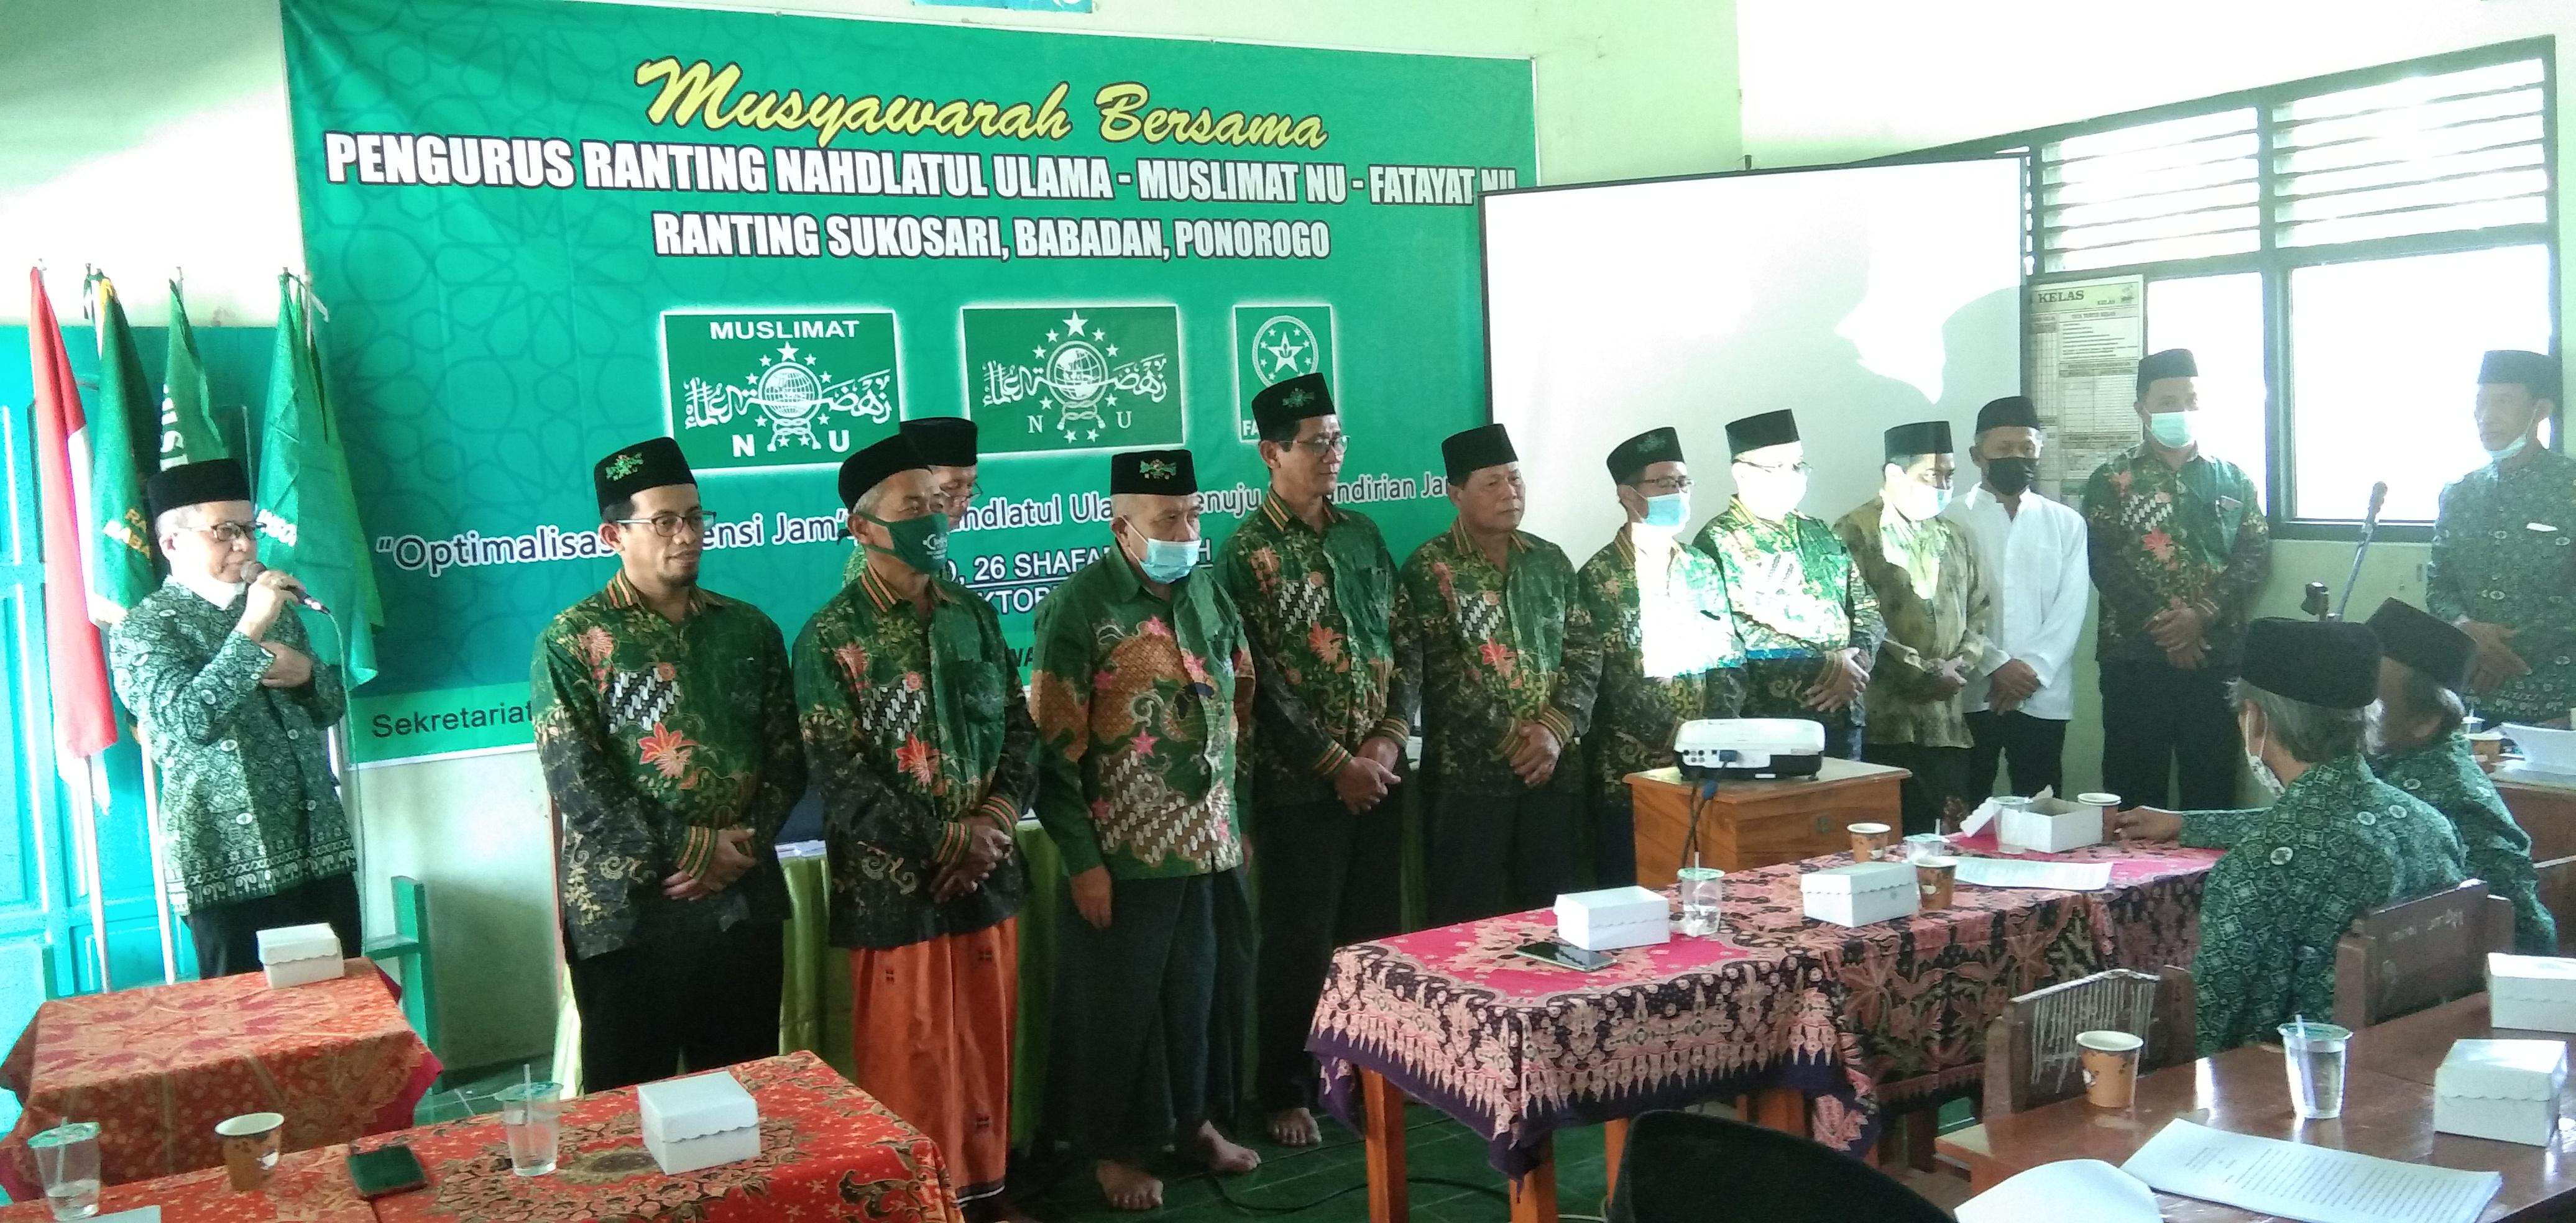 Musyawarah Bersama NU, Muslimat, dan Fatayat Ranting Sukosari, Babadan